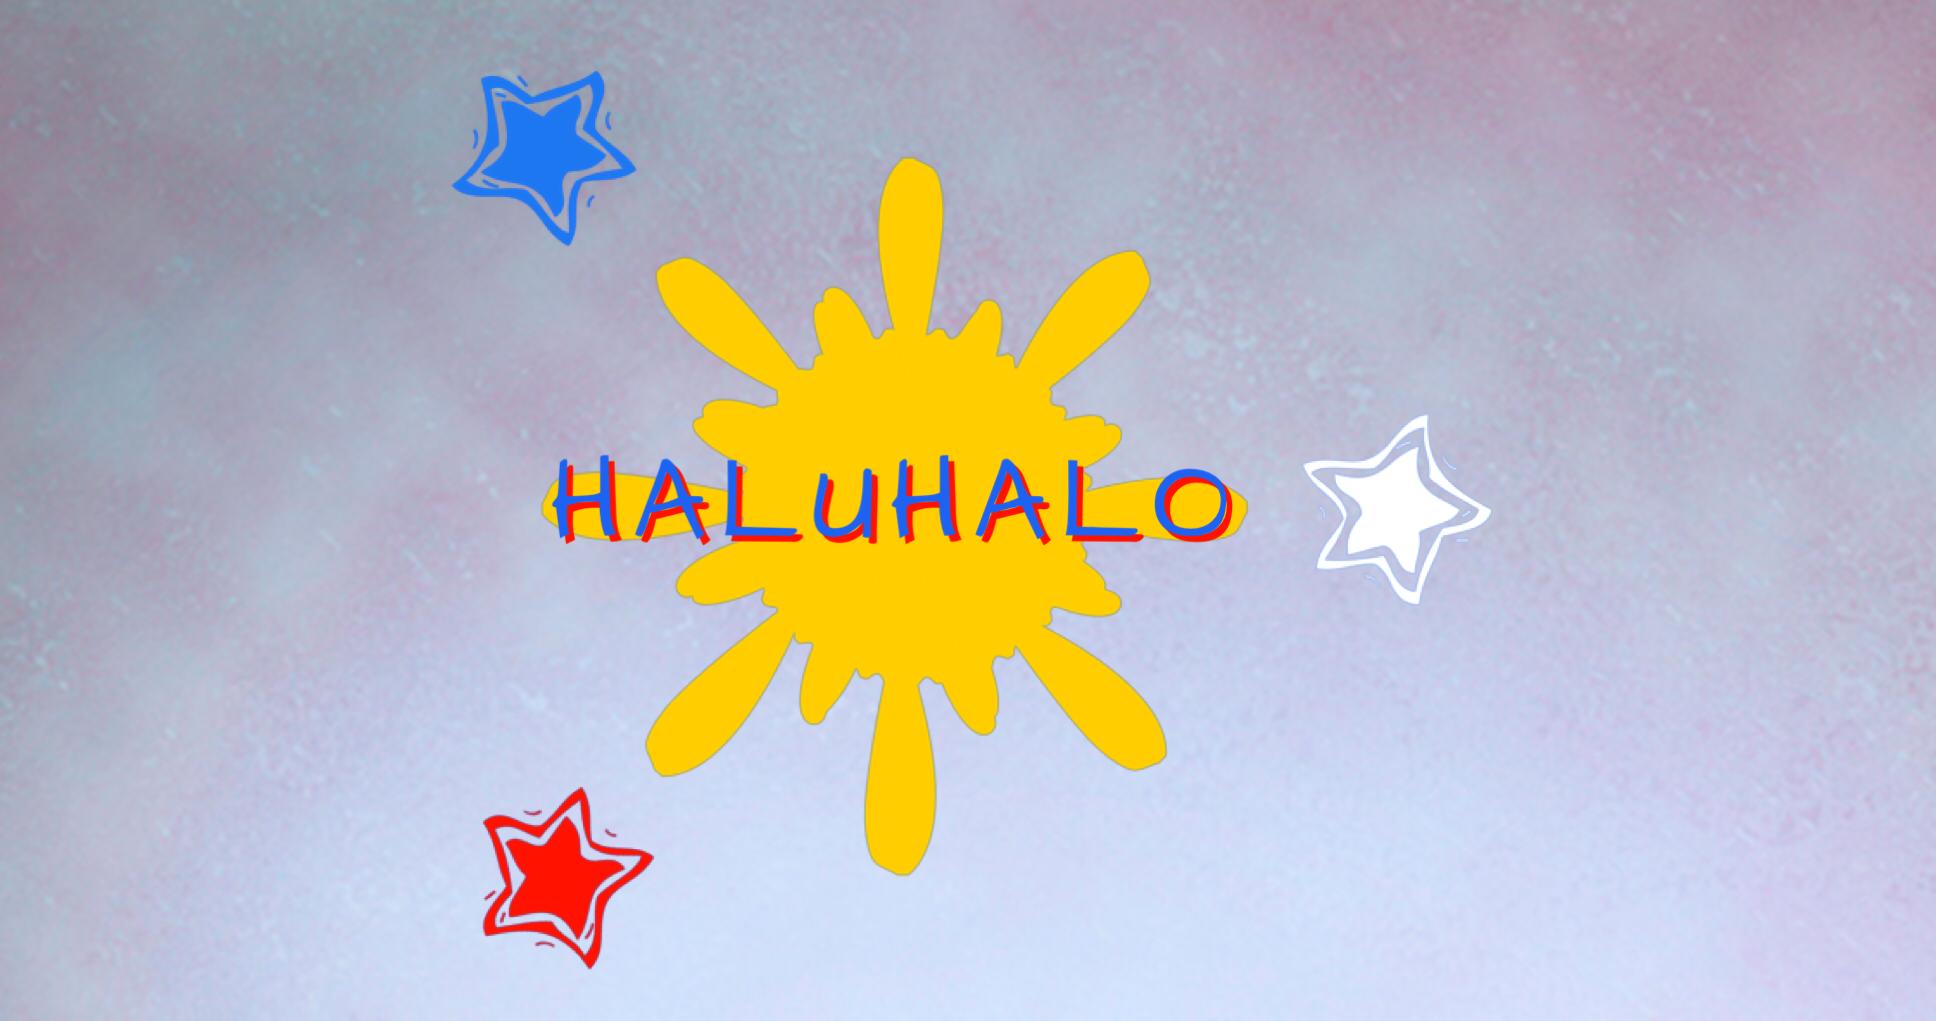 Haluhalo